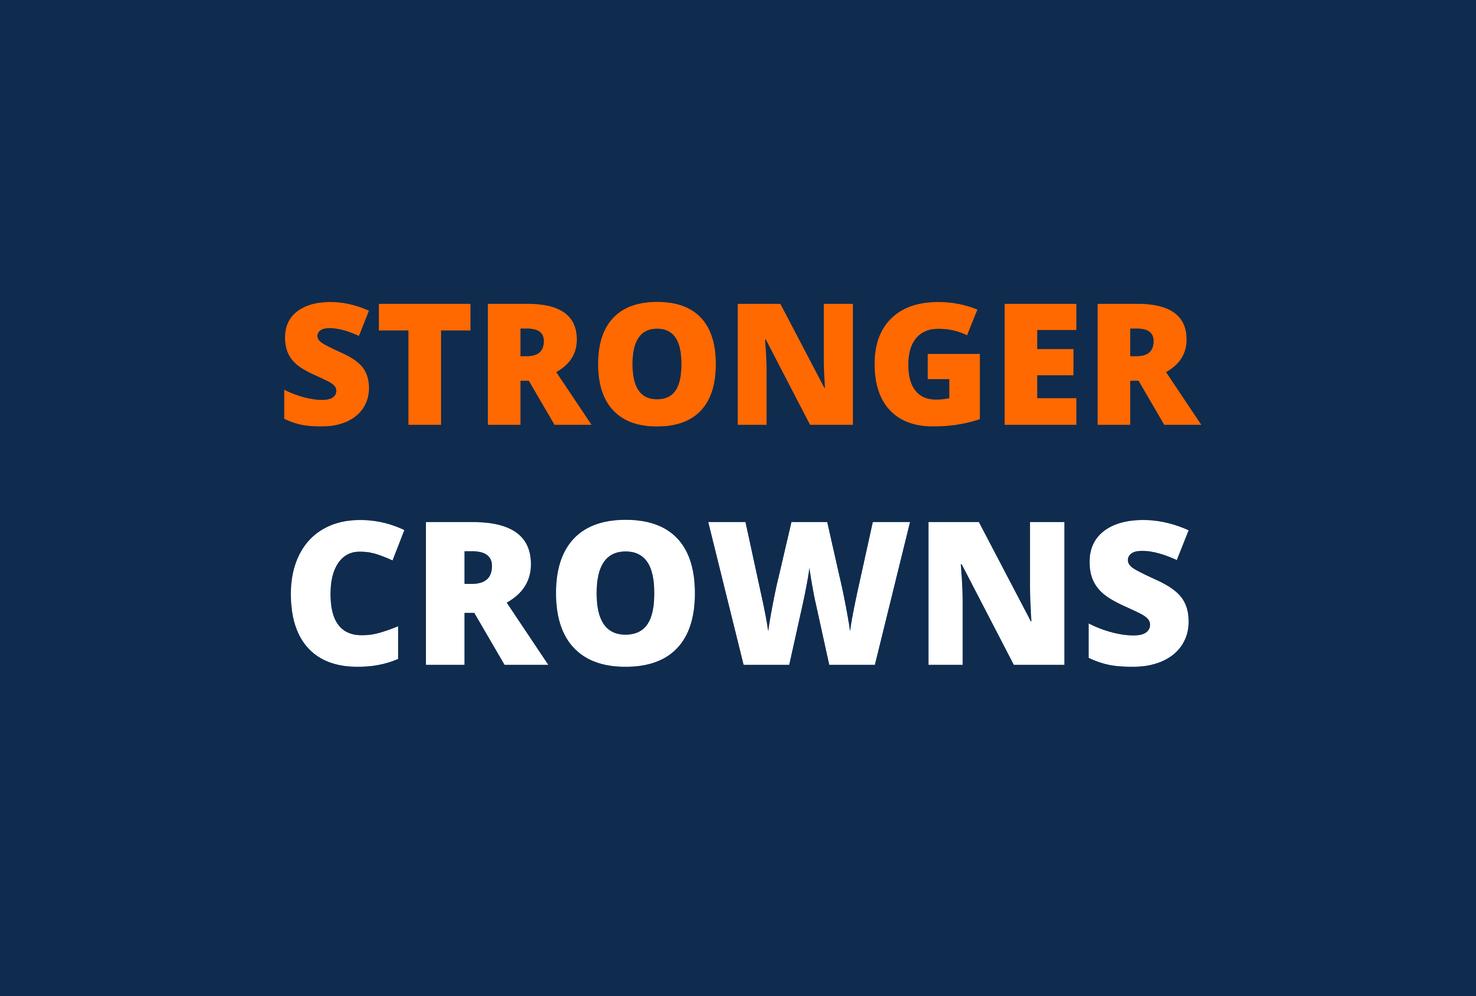 stronger_crowns2.jpg